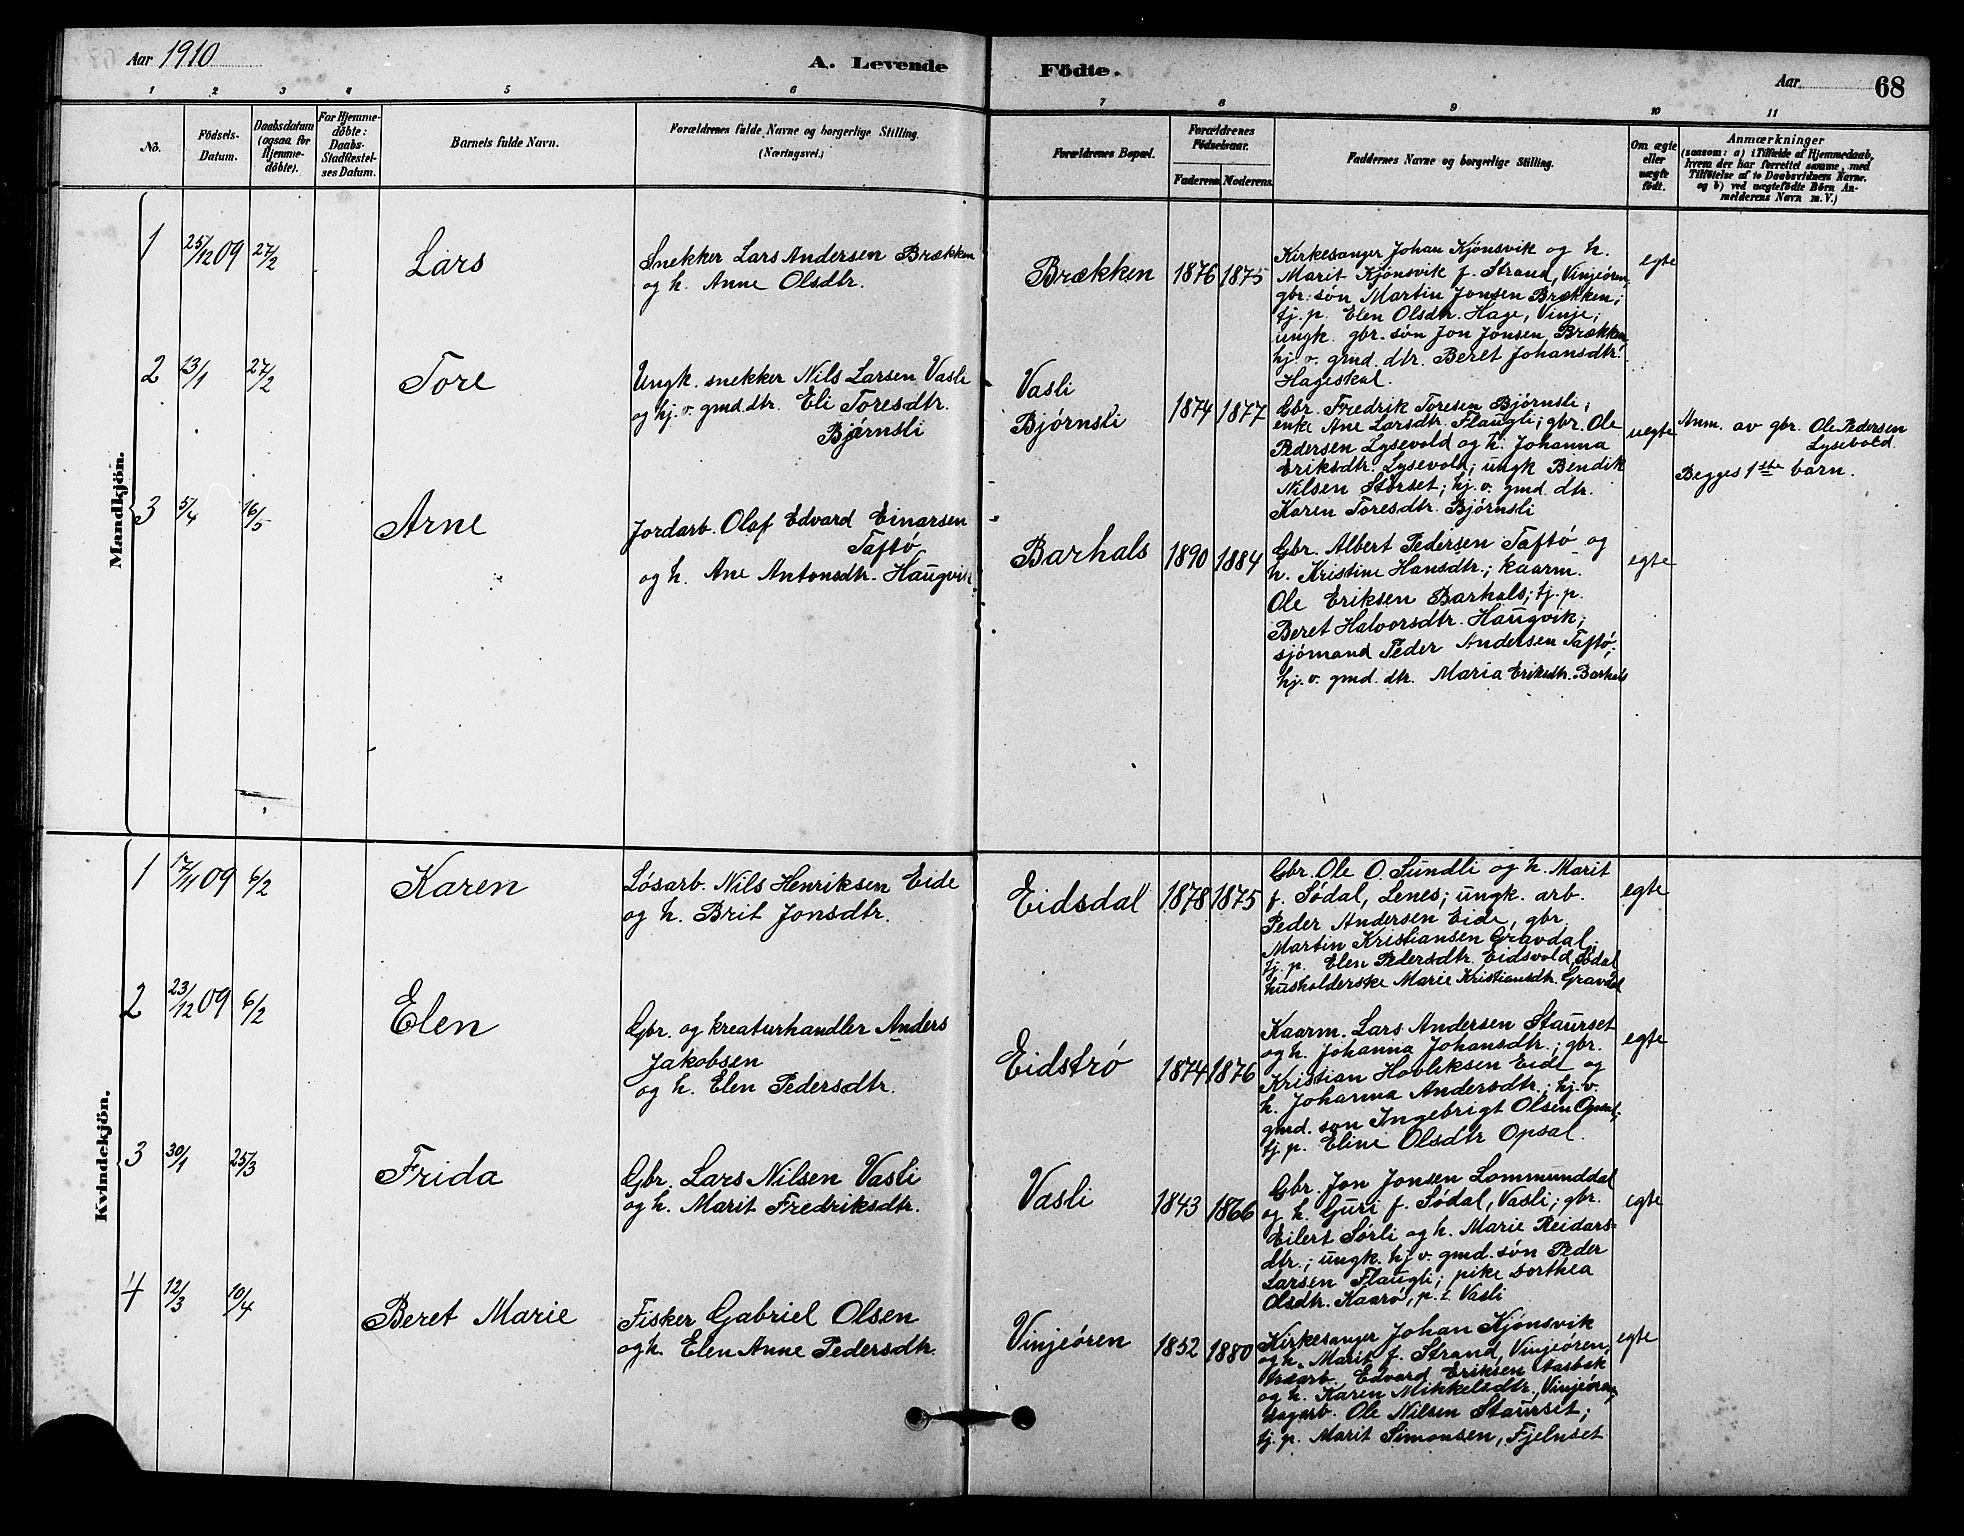 SAT, Ministerialprotokoller, klokkerbøker og fødselsregistre - Sør-Trøndelag, 631/L0514: Klokkerbok nr. 631C02, 1879-1912, s. 68